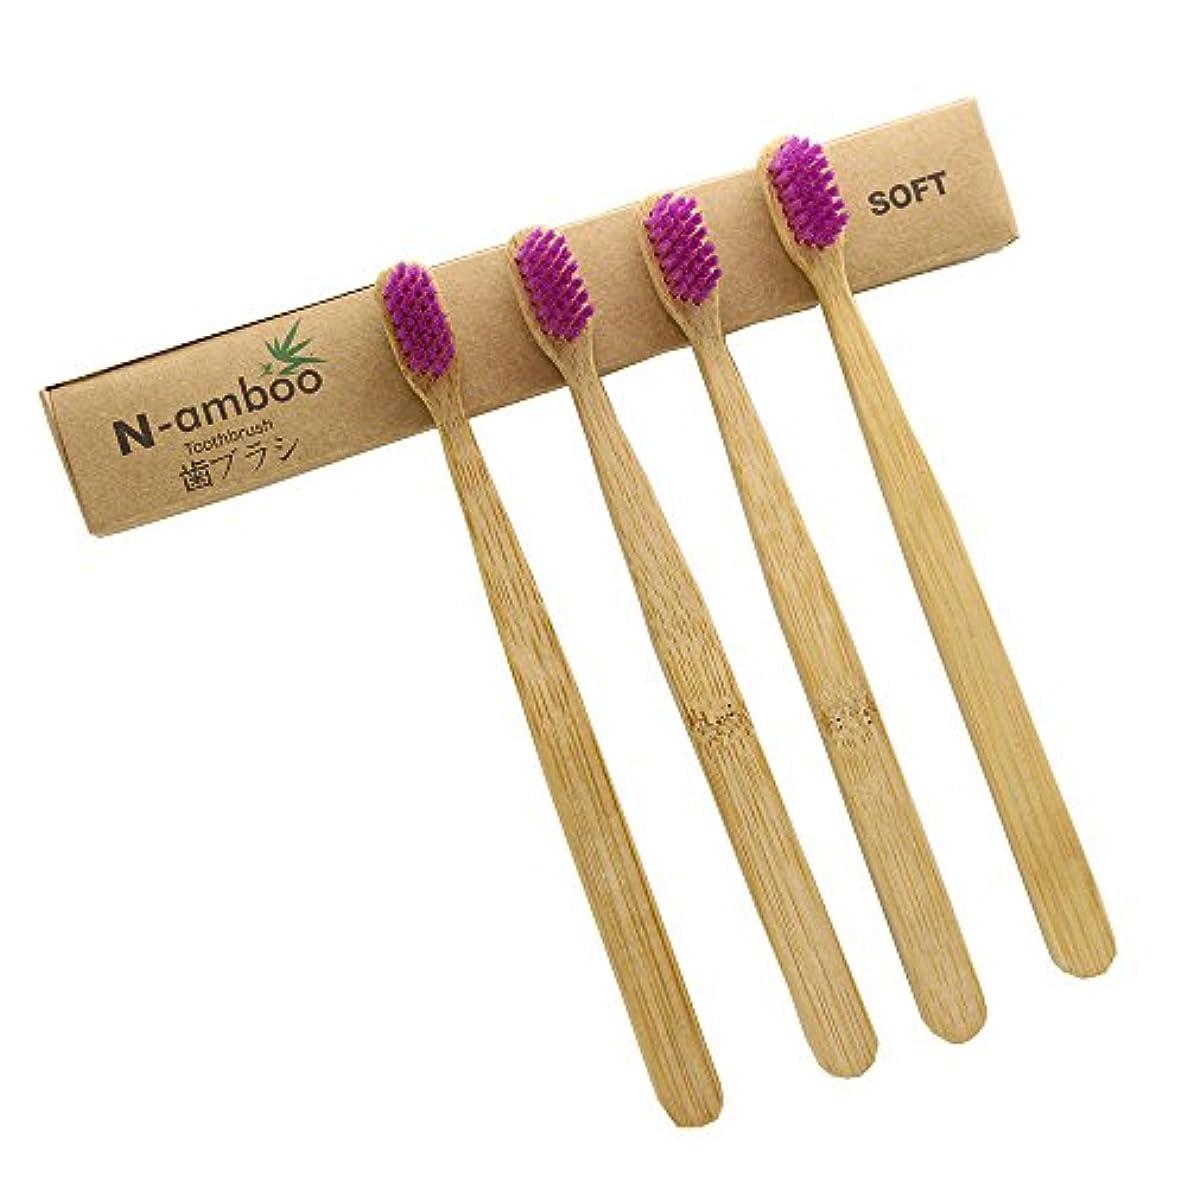 落ち着く光沢のある曲線N-amboo 竹製 歯ブラシ 高耐久性 むらさきいろ エコ 色あざやか (4本)